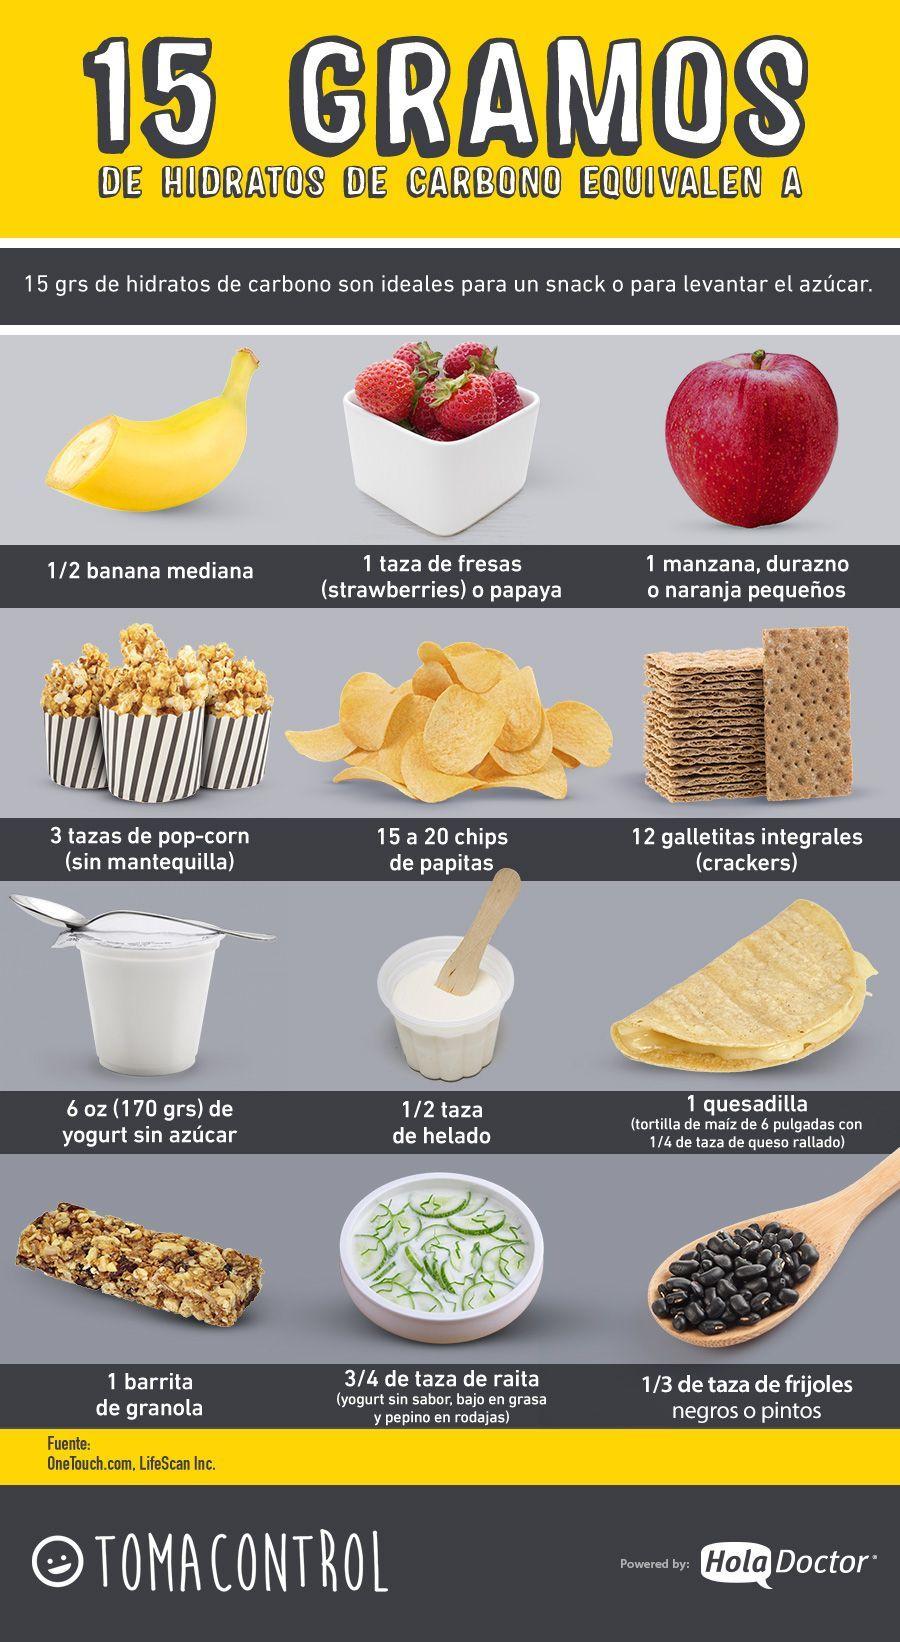 diabetes de chips de tortilla de maíz